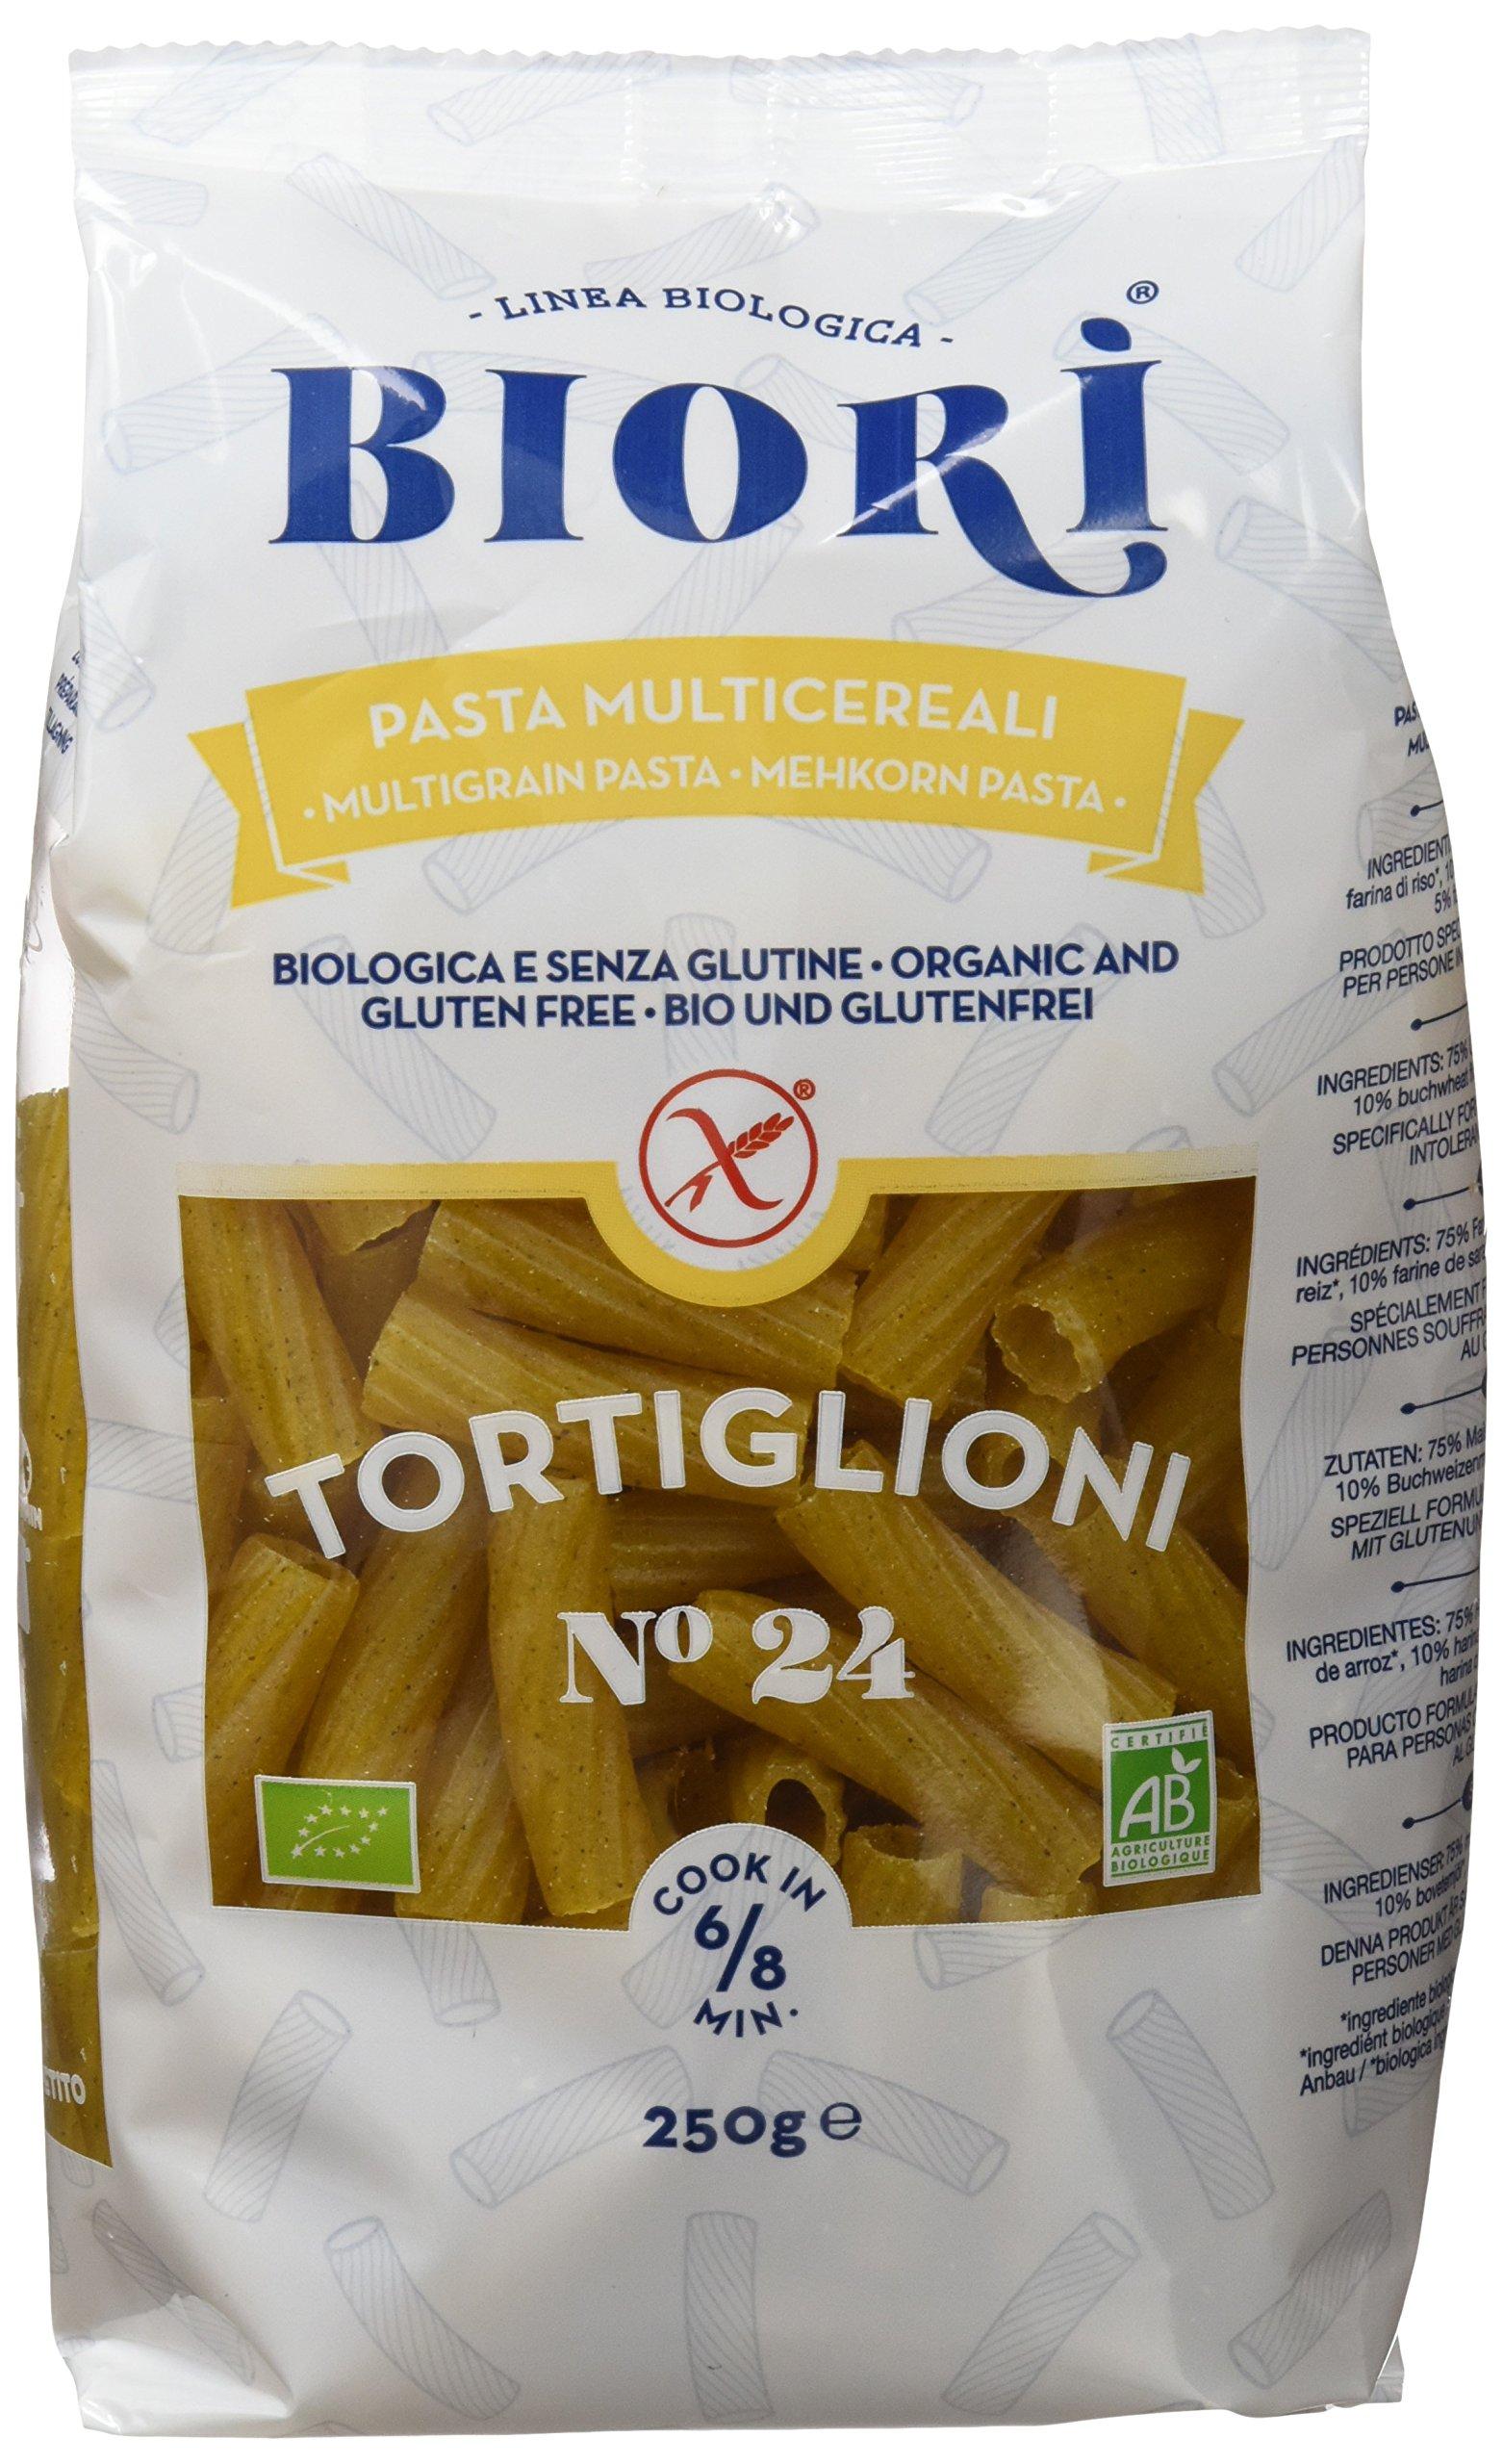 Biori Tortiglioni Multicereales - Paquete de 12 x 250 gr - Total: 3000 gr